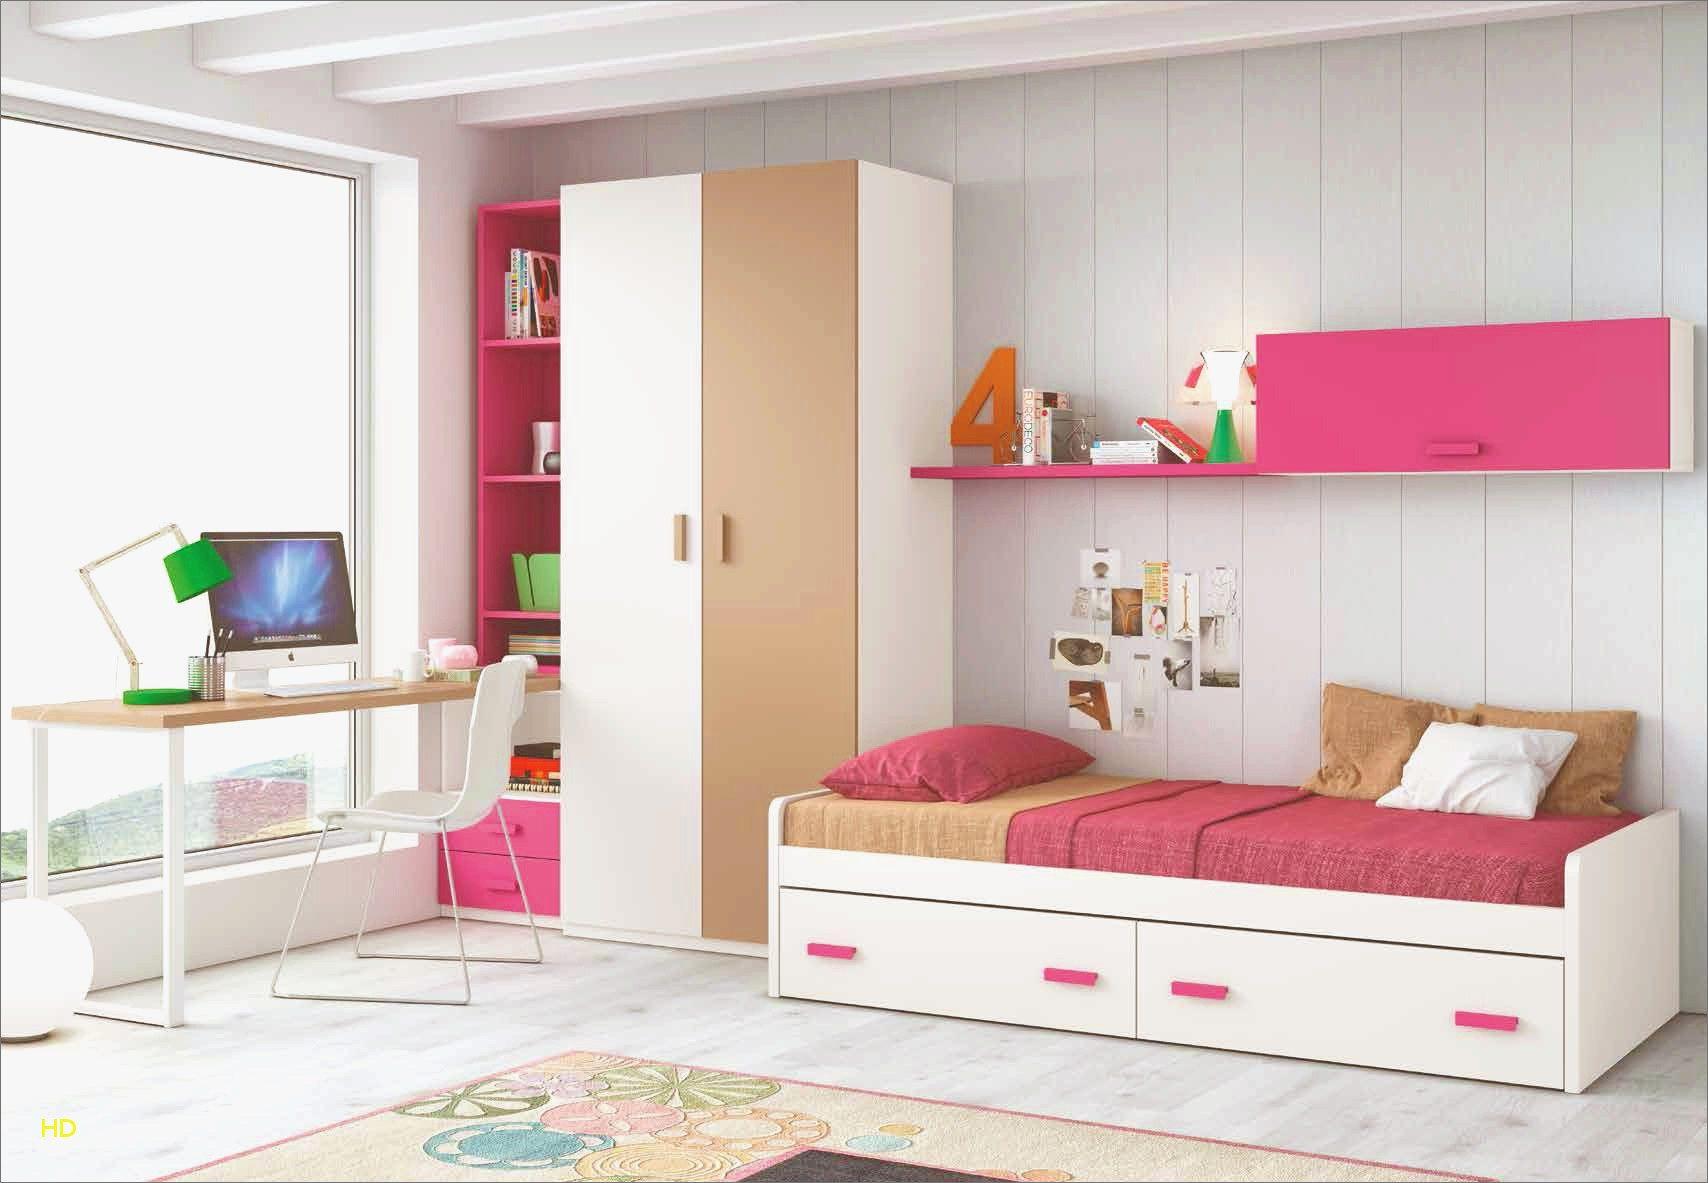 Lit Mezzanine Pour Enfant Magnifique Lit Mezzanine Fille Unique Ikea Chambre Ado Lit Mezzanine Chambre